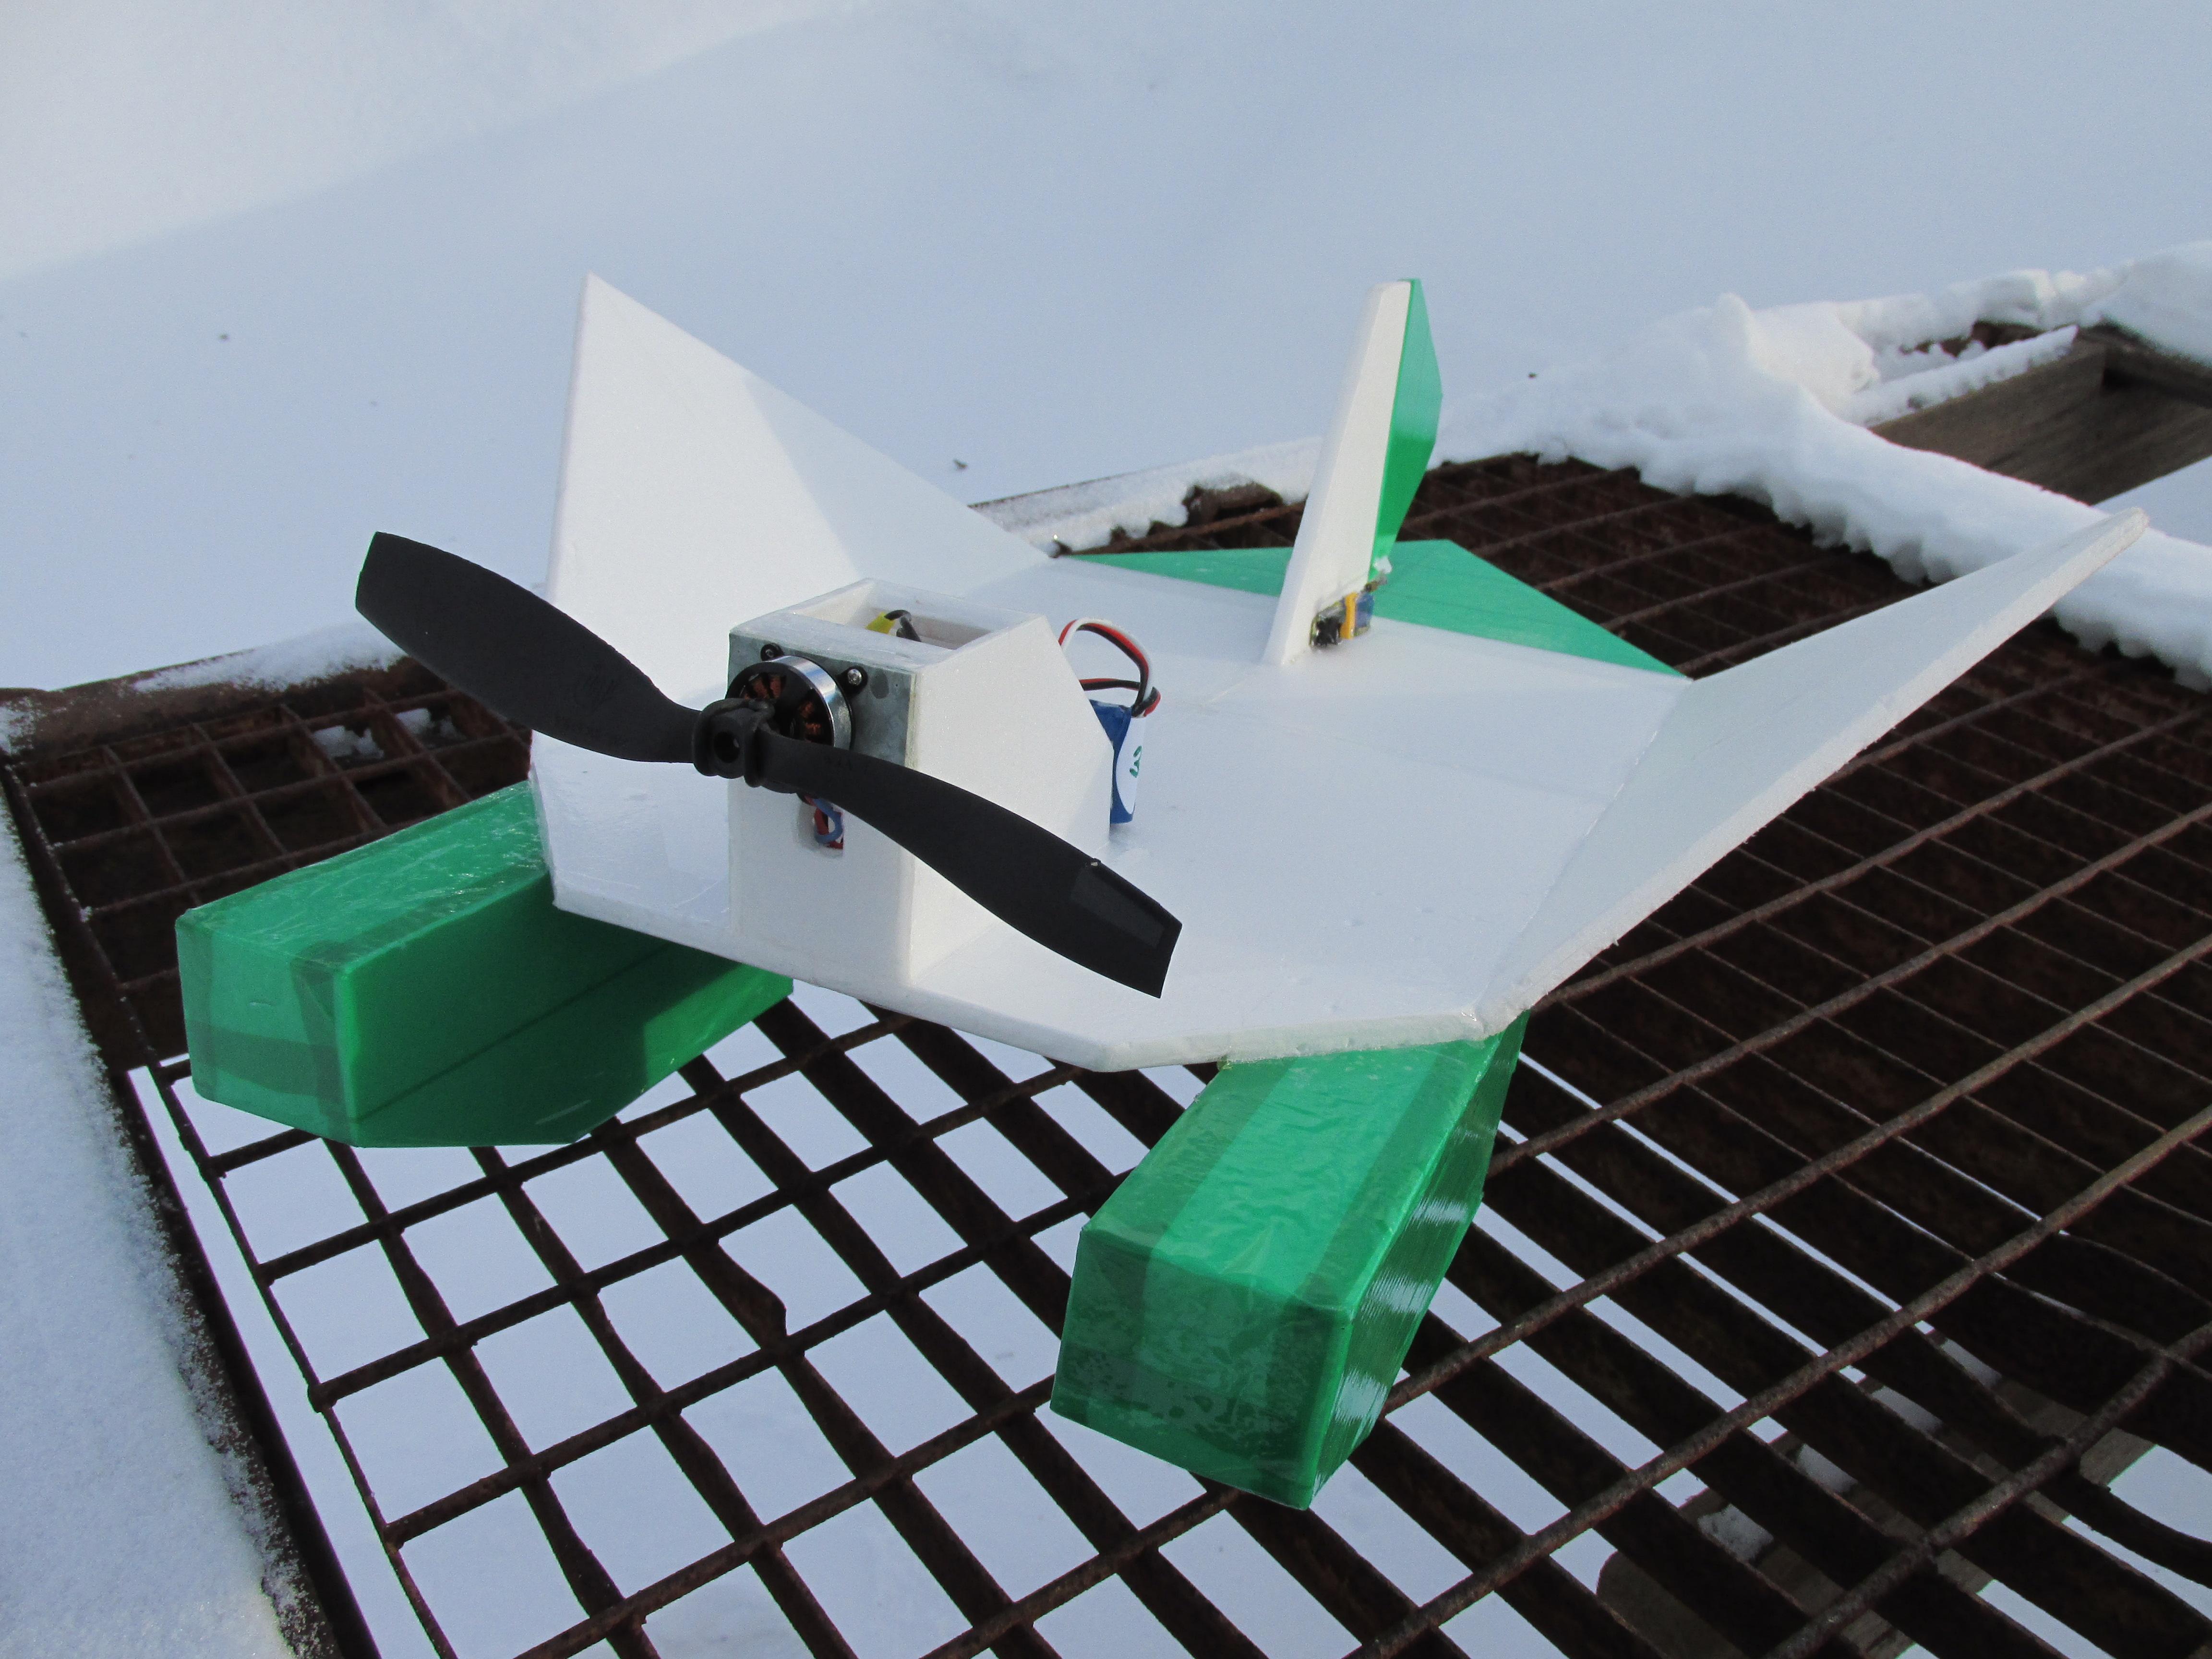 fdbfvjltkm cyt;byrf авиамодель снежинка